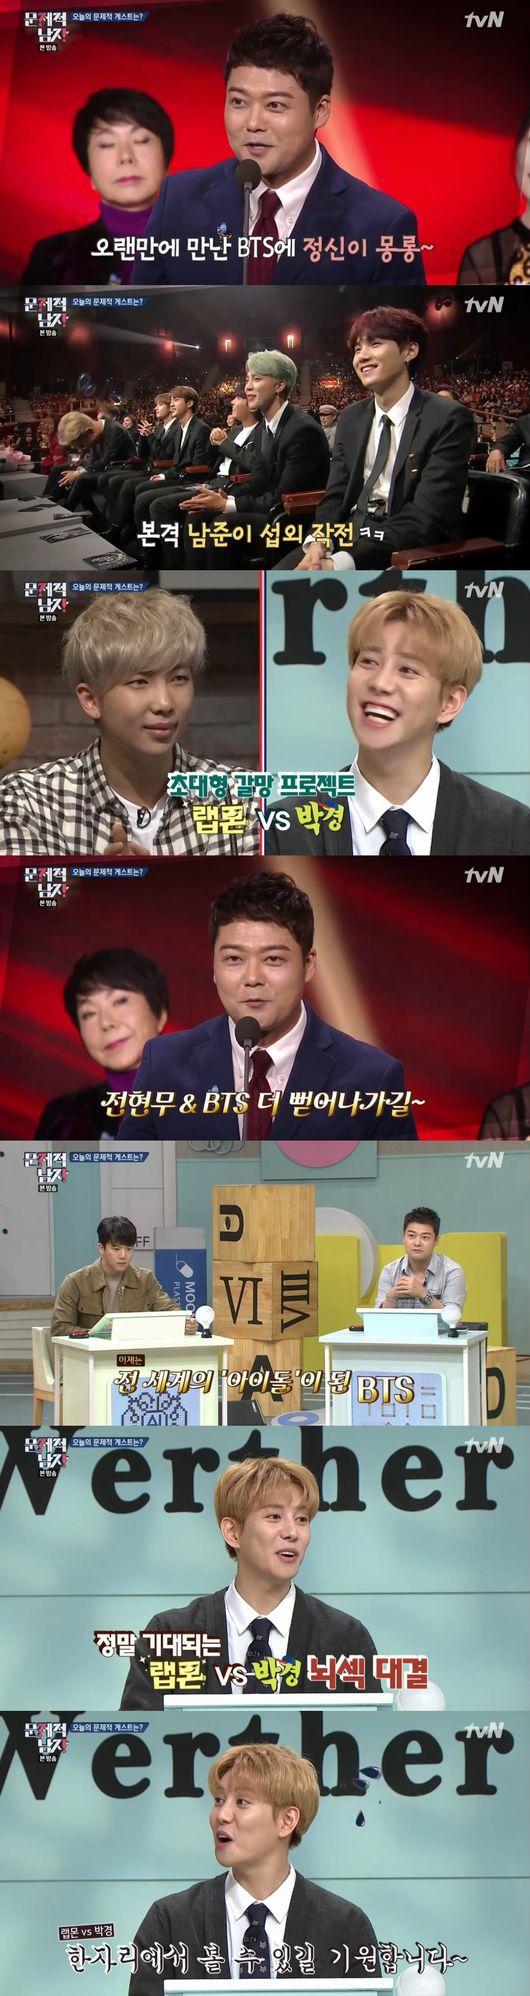 문제적남자 블락비 박경vs방탄소년단 RM, 뇌섹돌 대결 성사될까?[어저께TV]